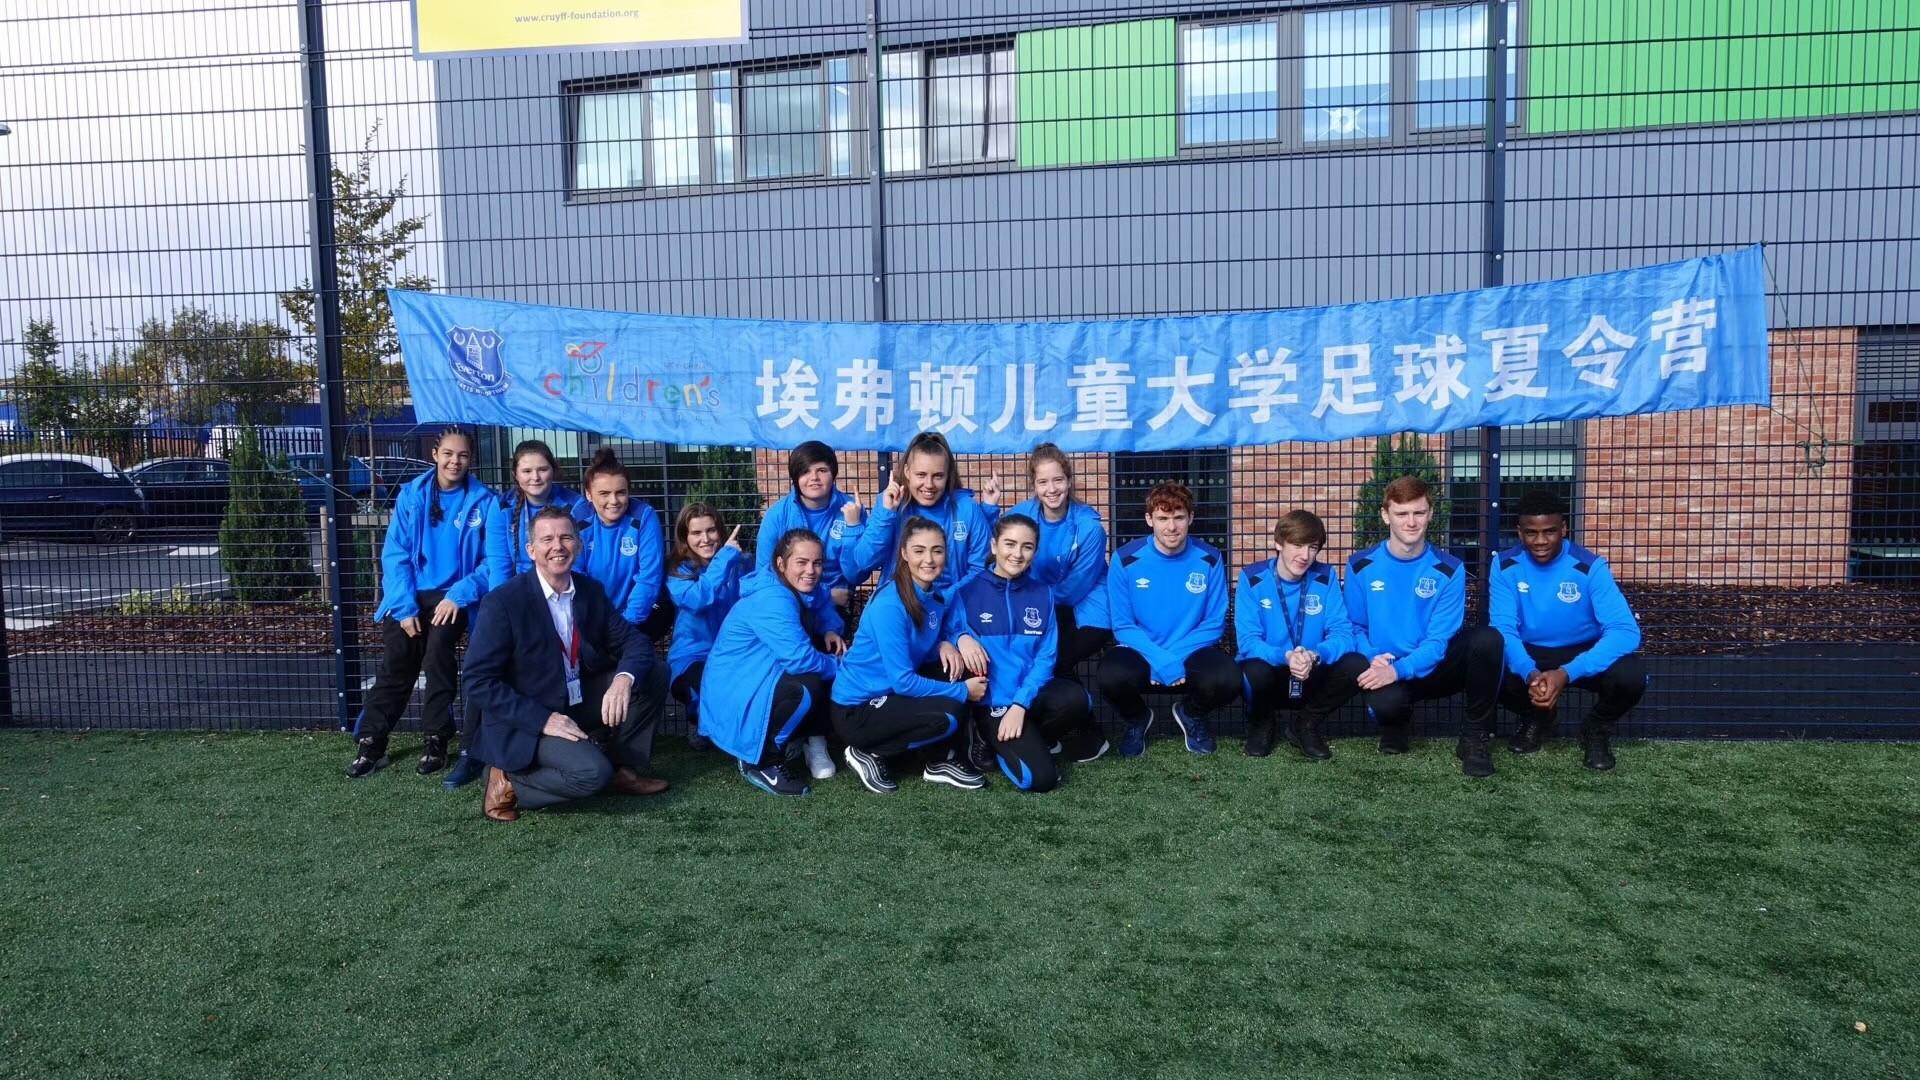 埃弗顿在中国建立足球学校训练基地传授英伦青训体系